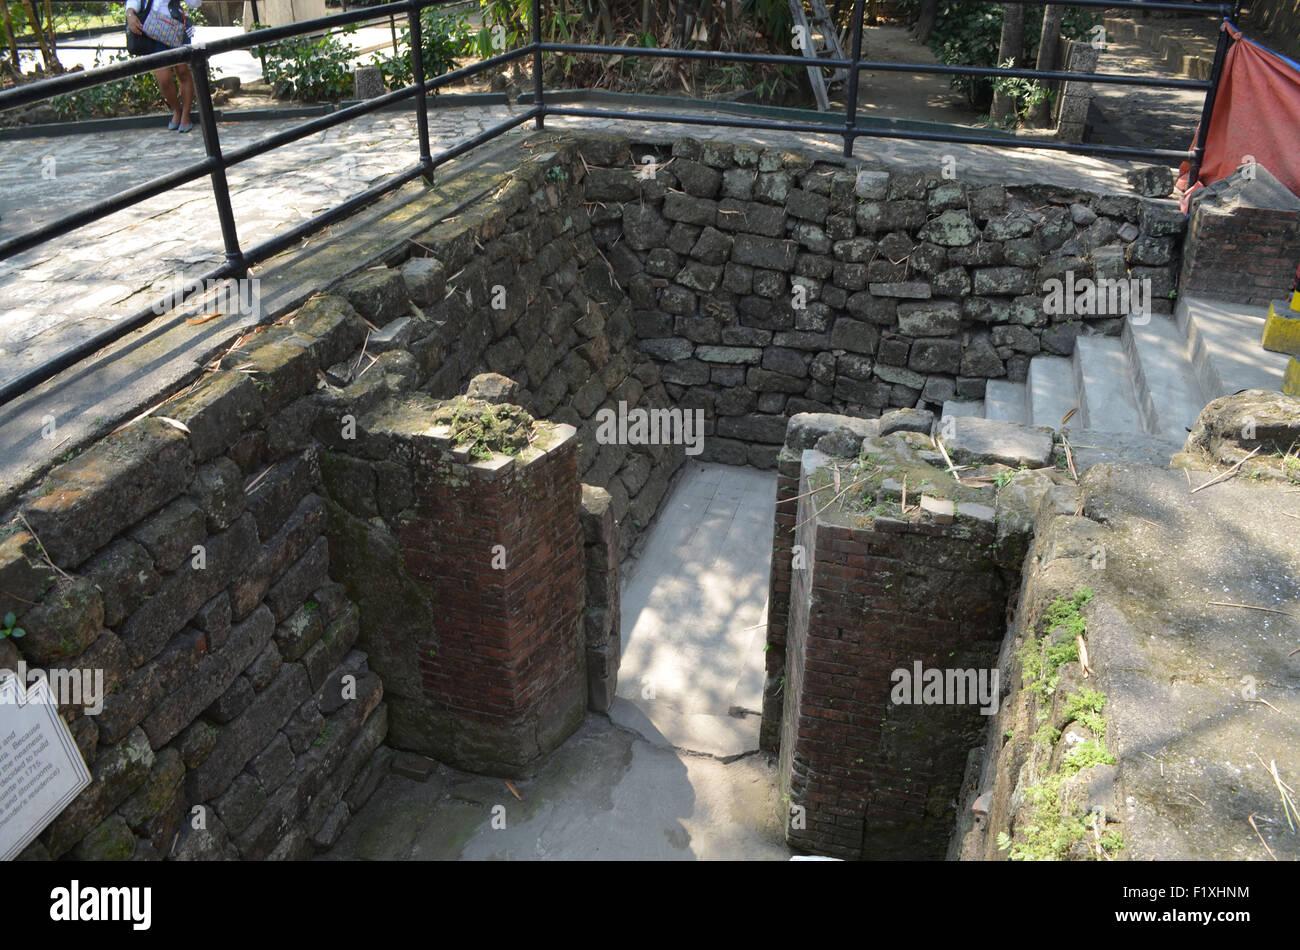 La cellule dans laquelle Jose Rizal a passé une partie de son temps à Fort Santiago, à Manille. Il Photo Stock